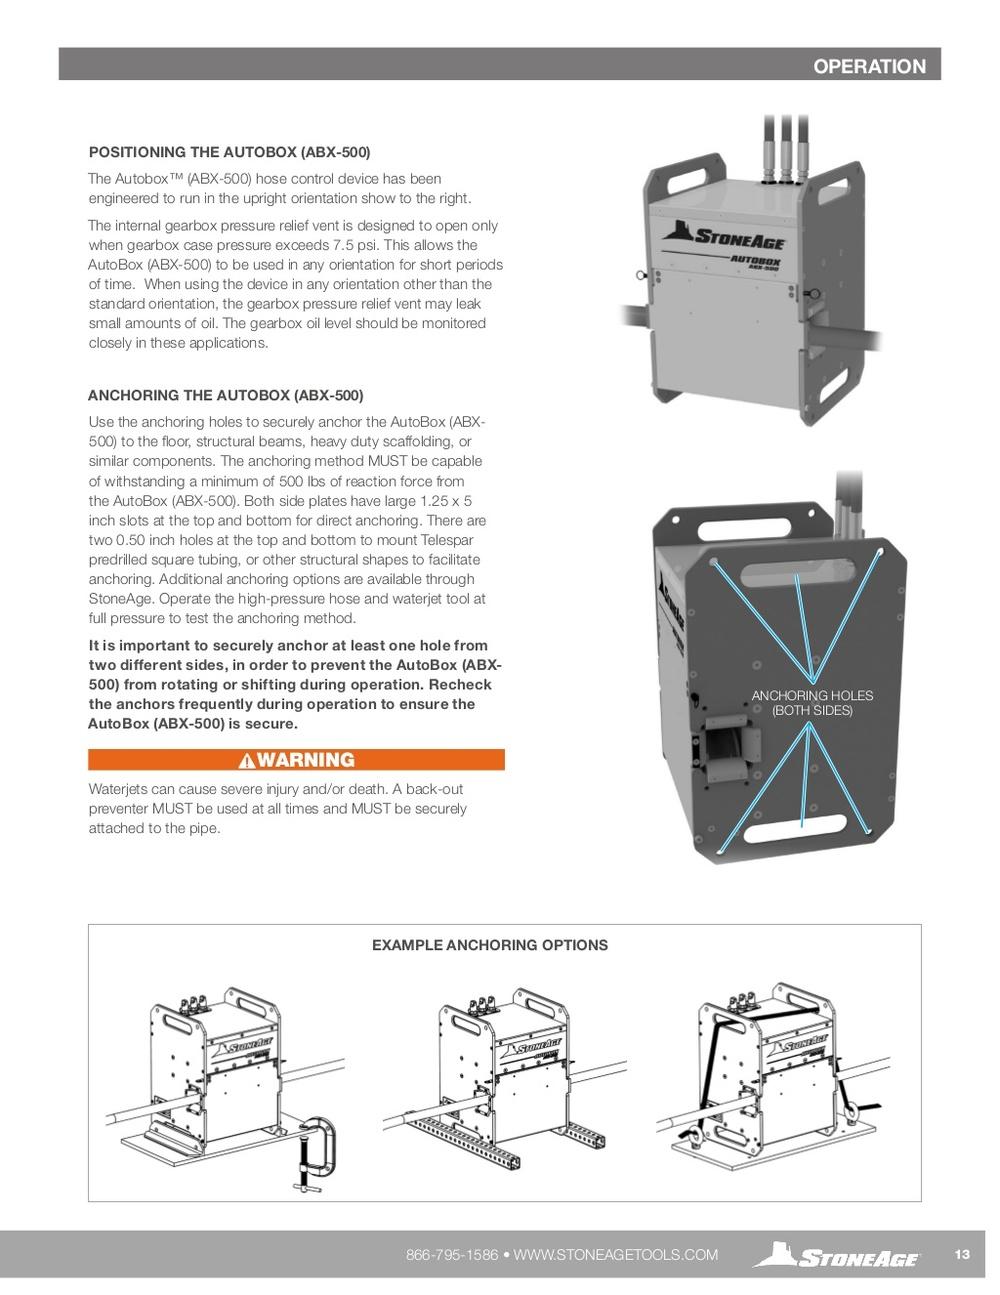 autobox-rev-b-13-1024.jpg